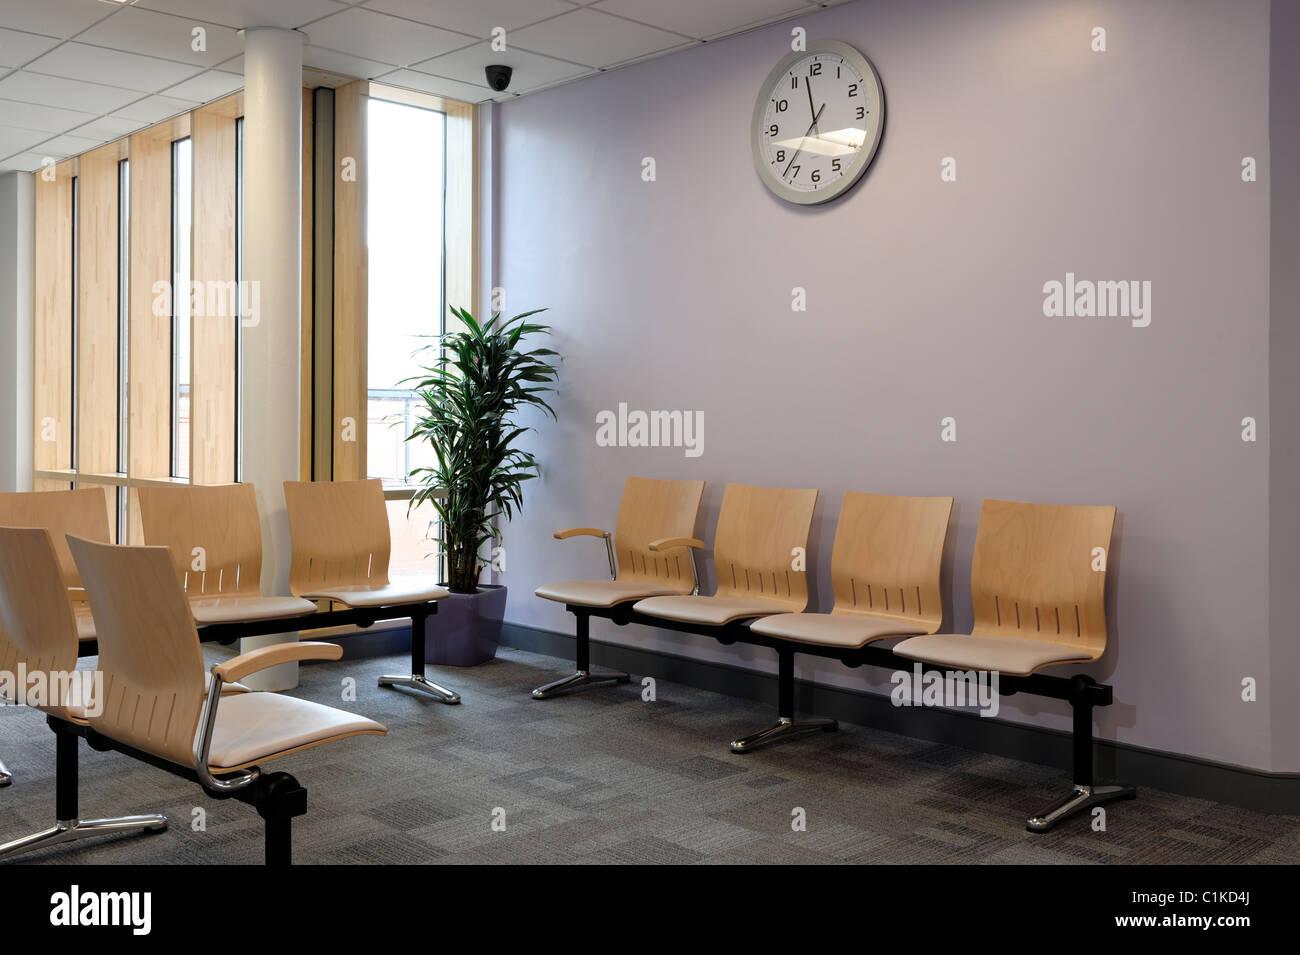 Wartezimmer Stockbild